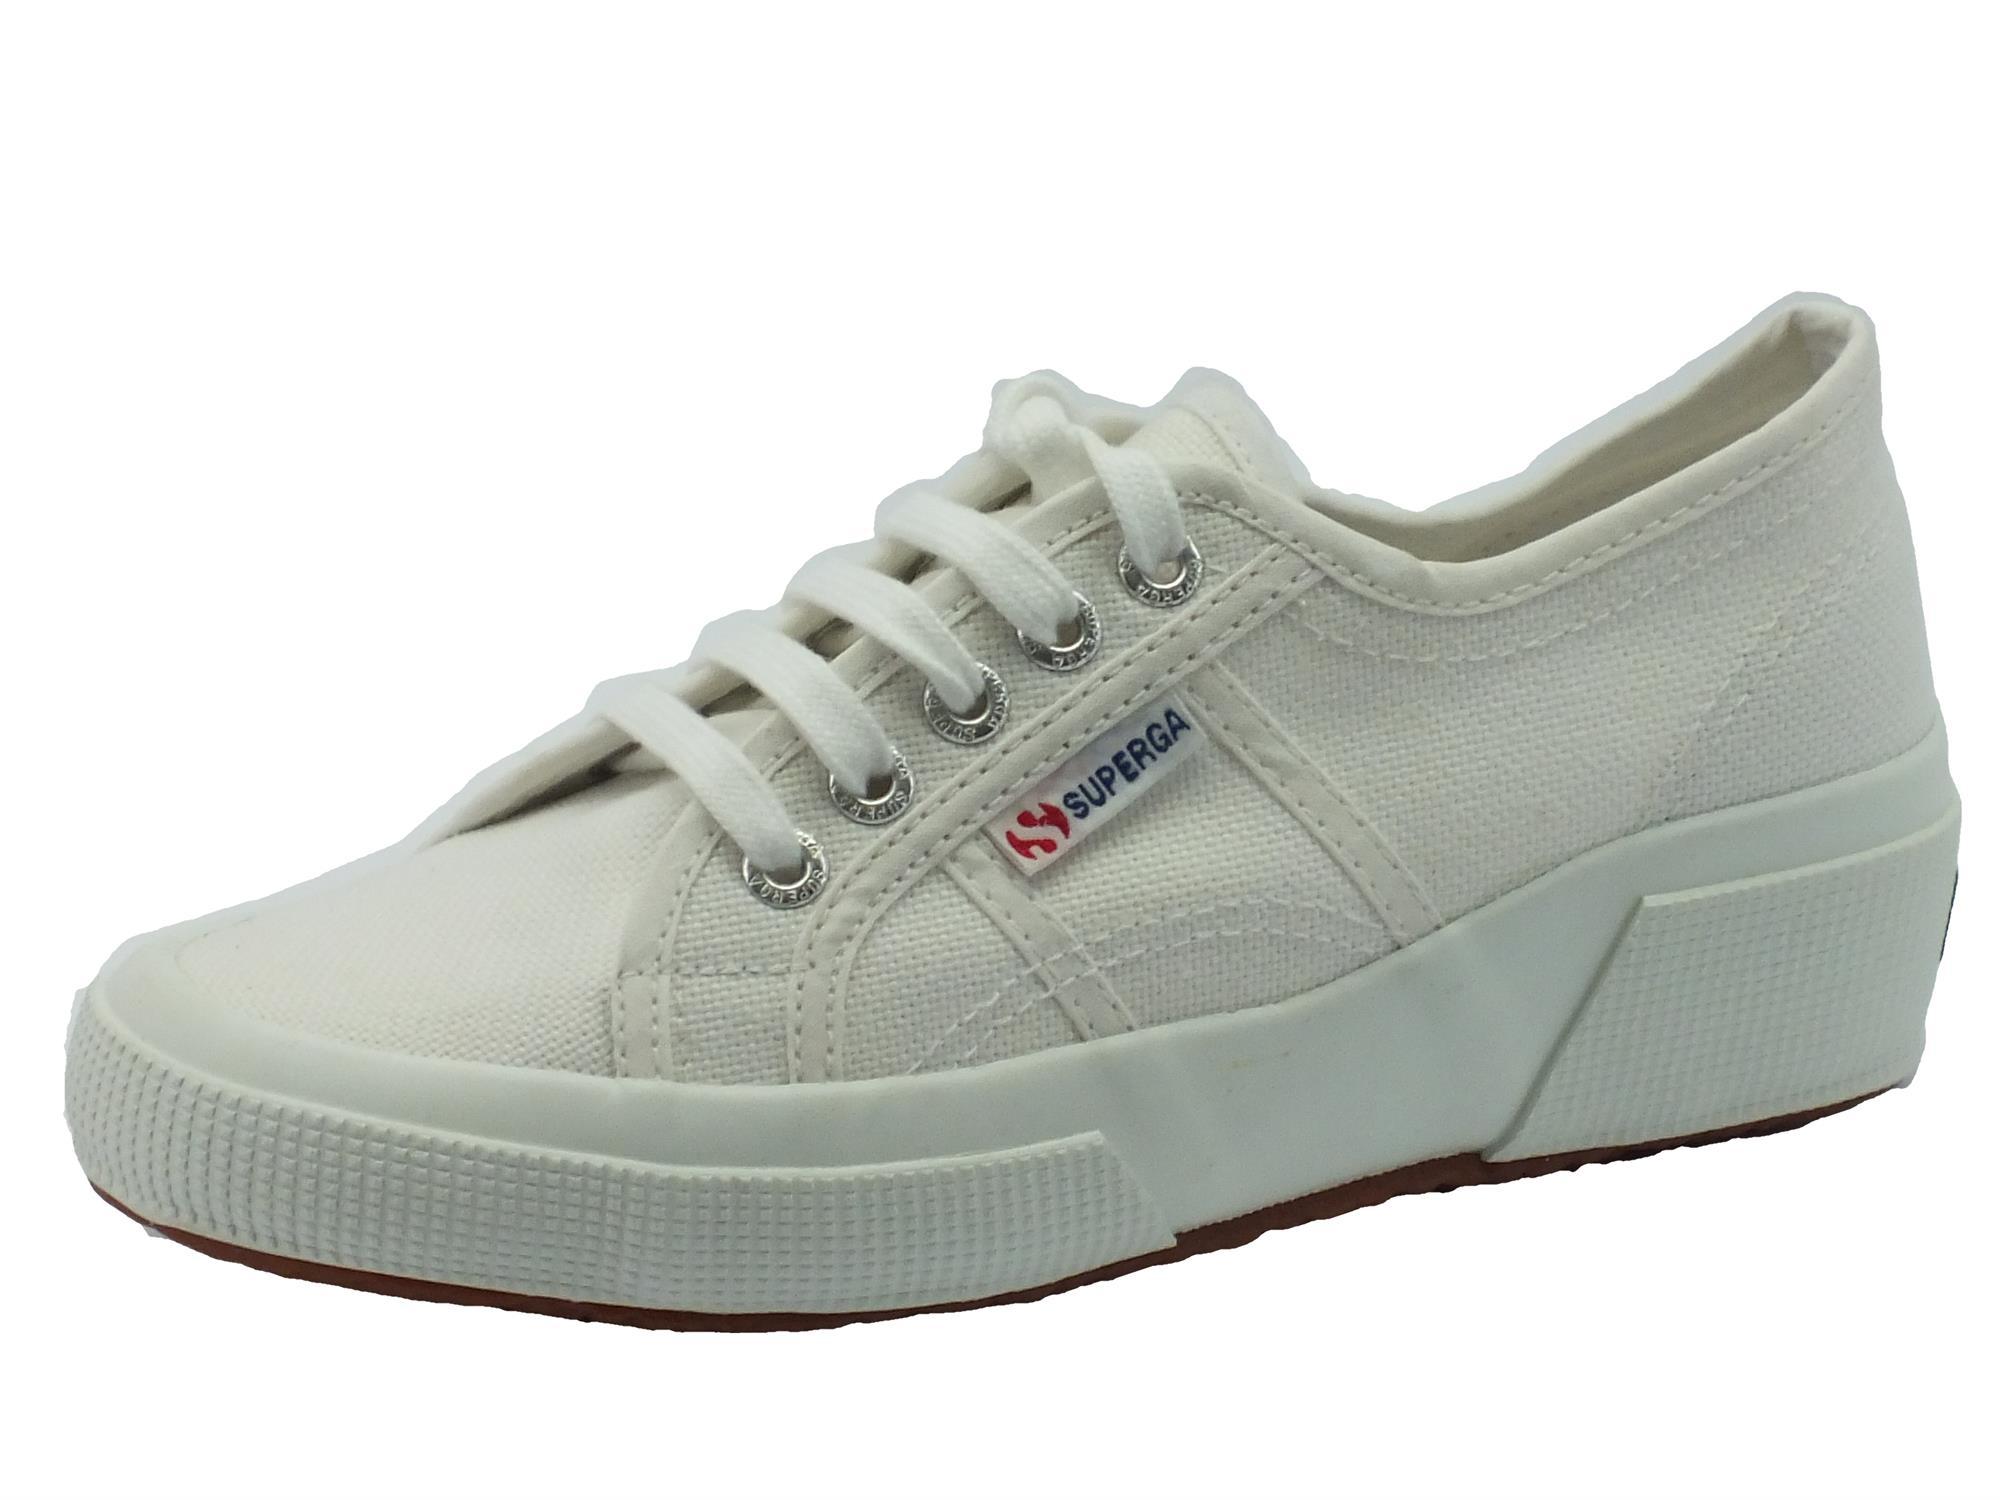 a basso prezzo ac800 c5735 Scarpe Superga per donna in tessuto bianco con plantare estraibile